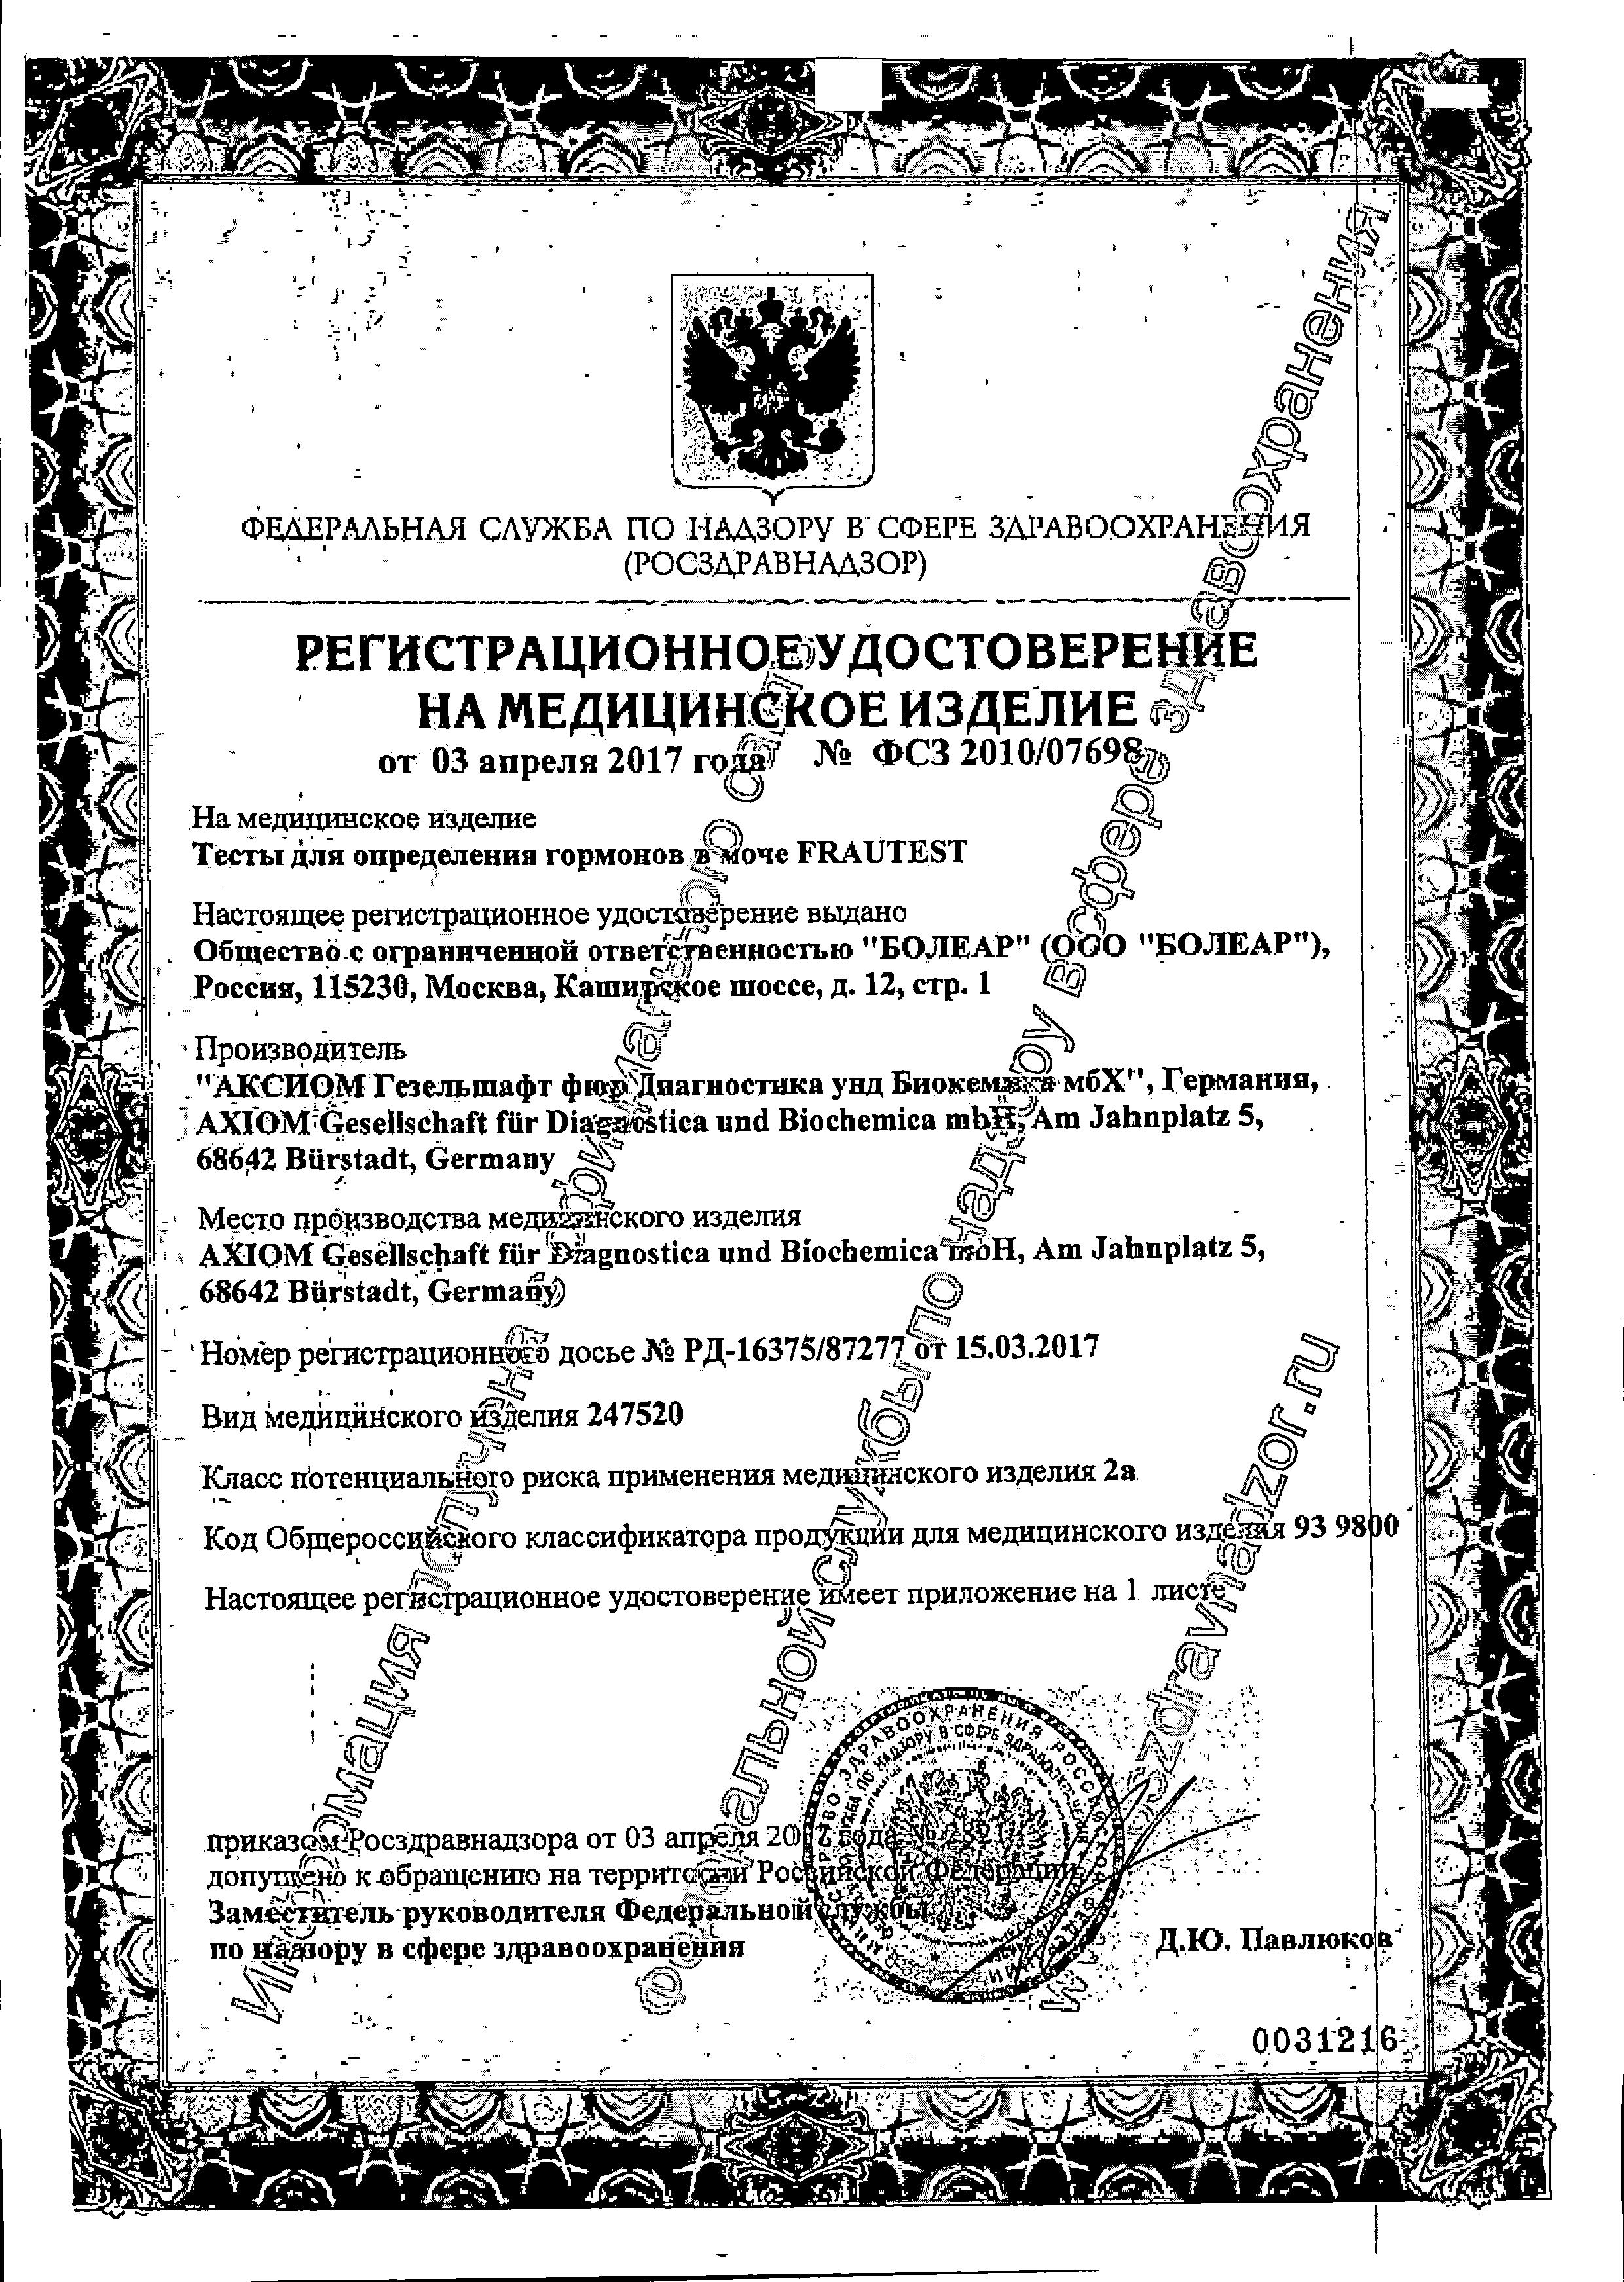 Frautest Тест для определения овуляции (ЛГ) сертификат